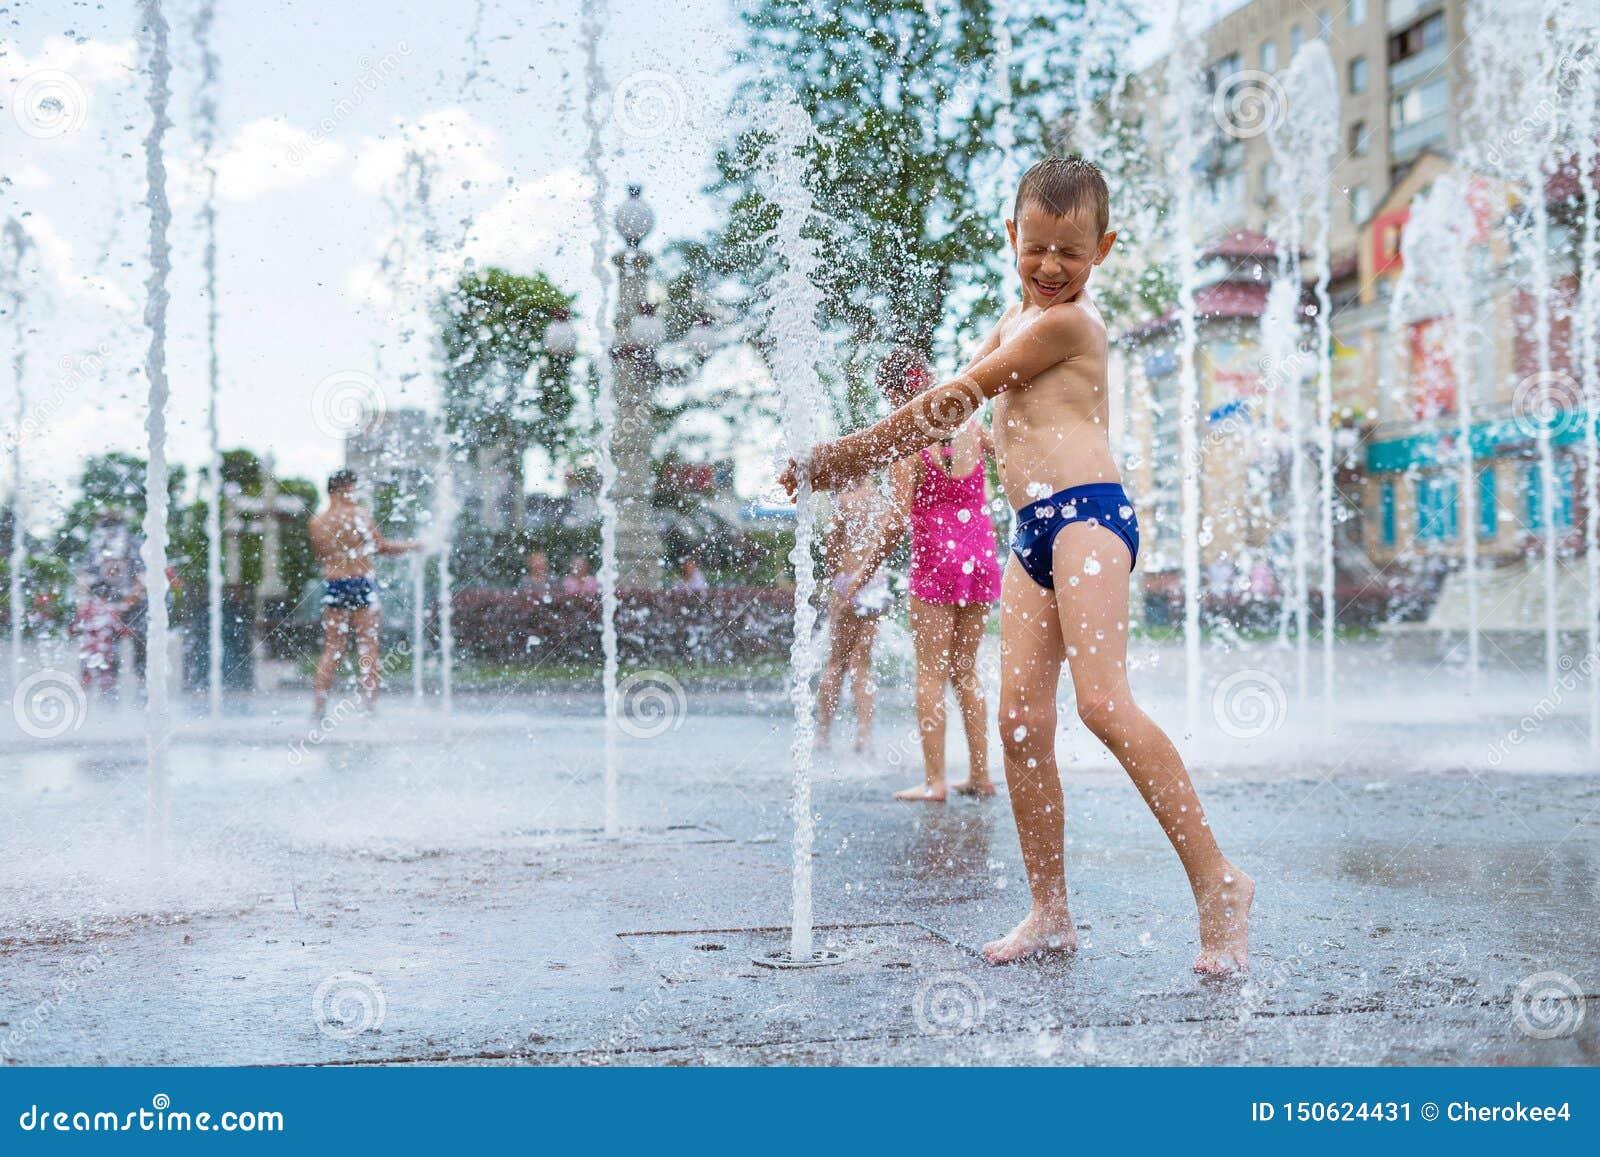 Rozochocony dziecko bawić się w wodnej fontannie i cieszy się chłodno strumienie woda w lato gorącym dniu